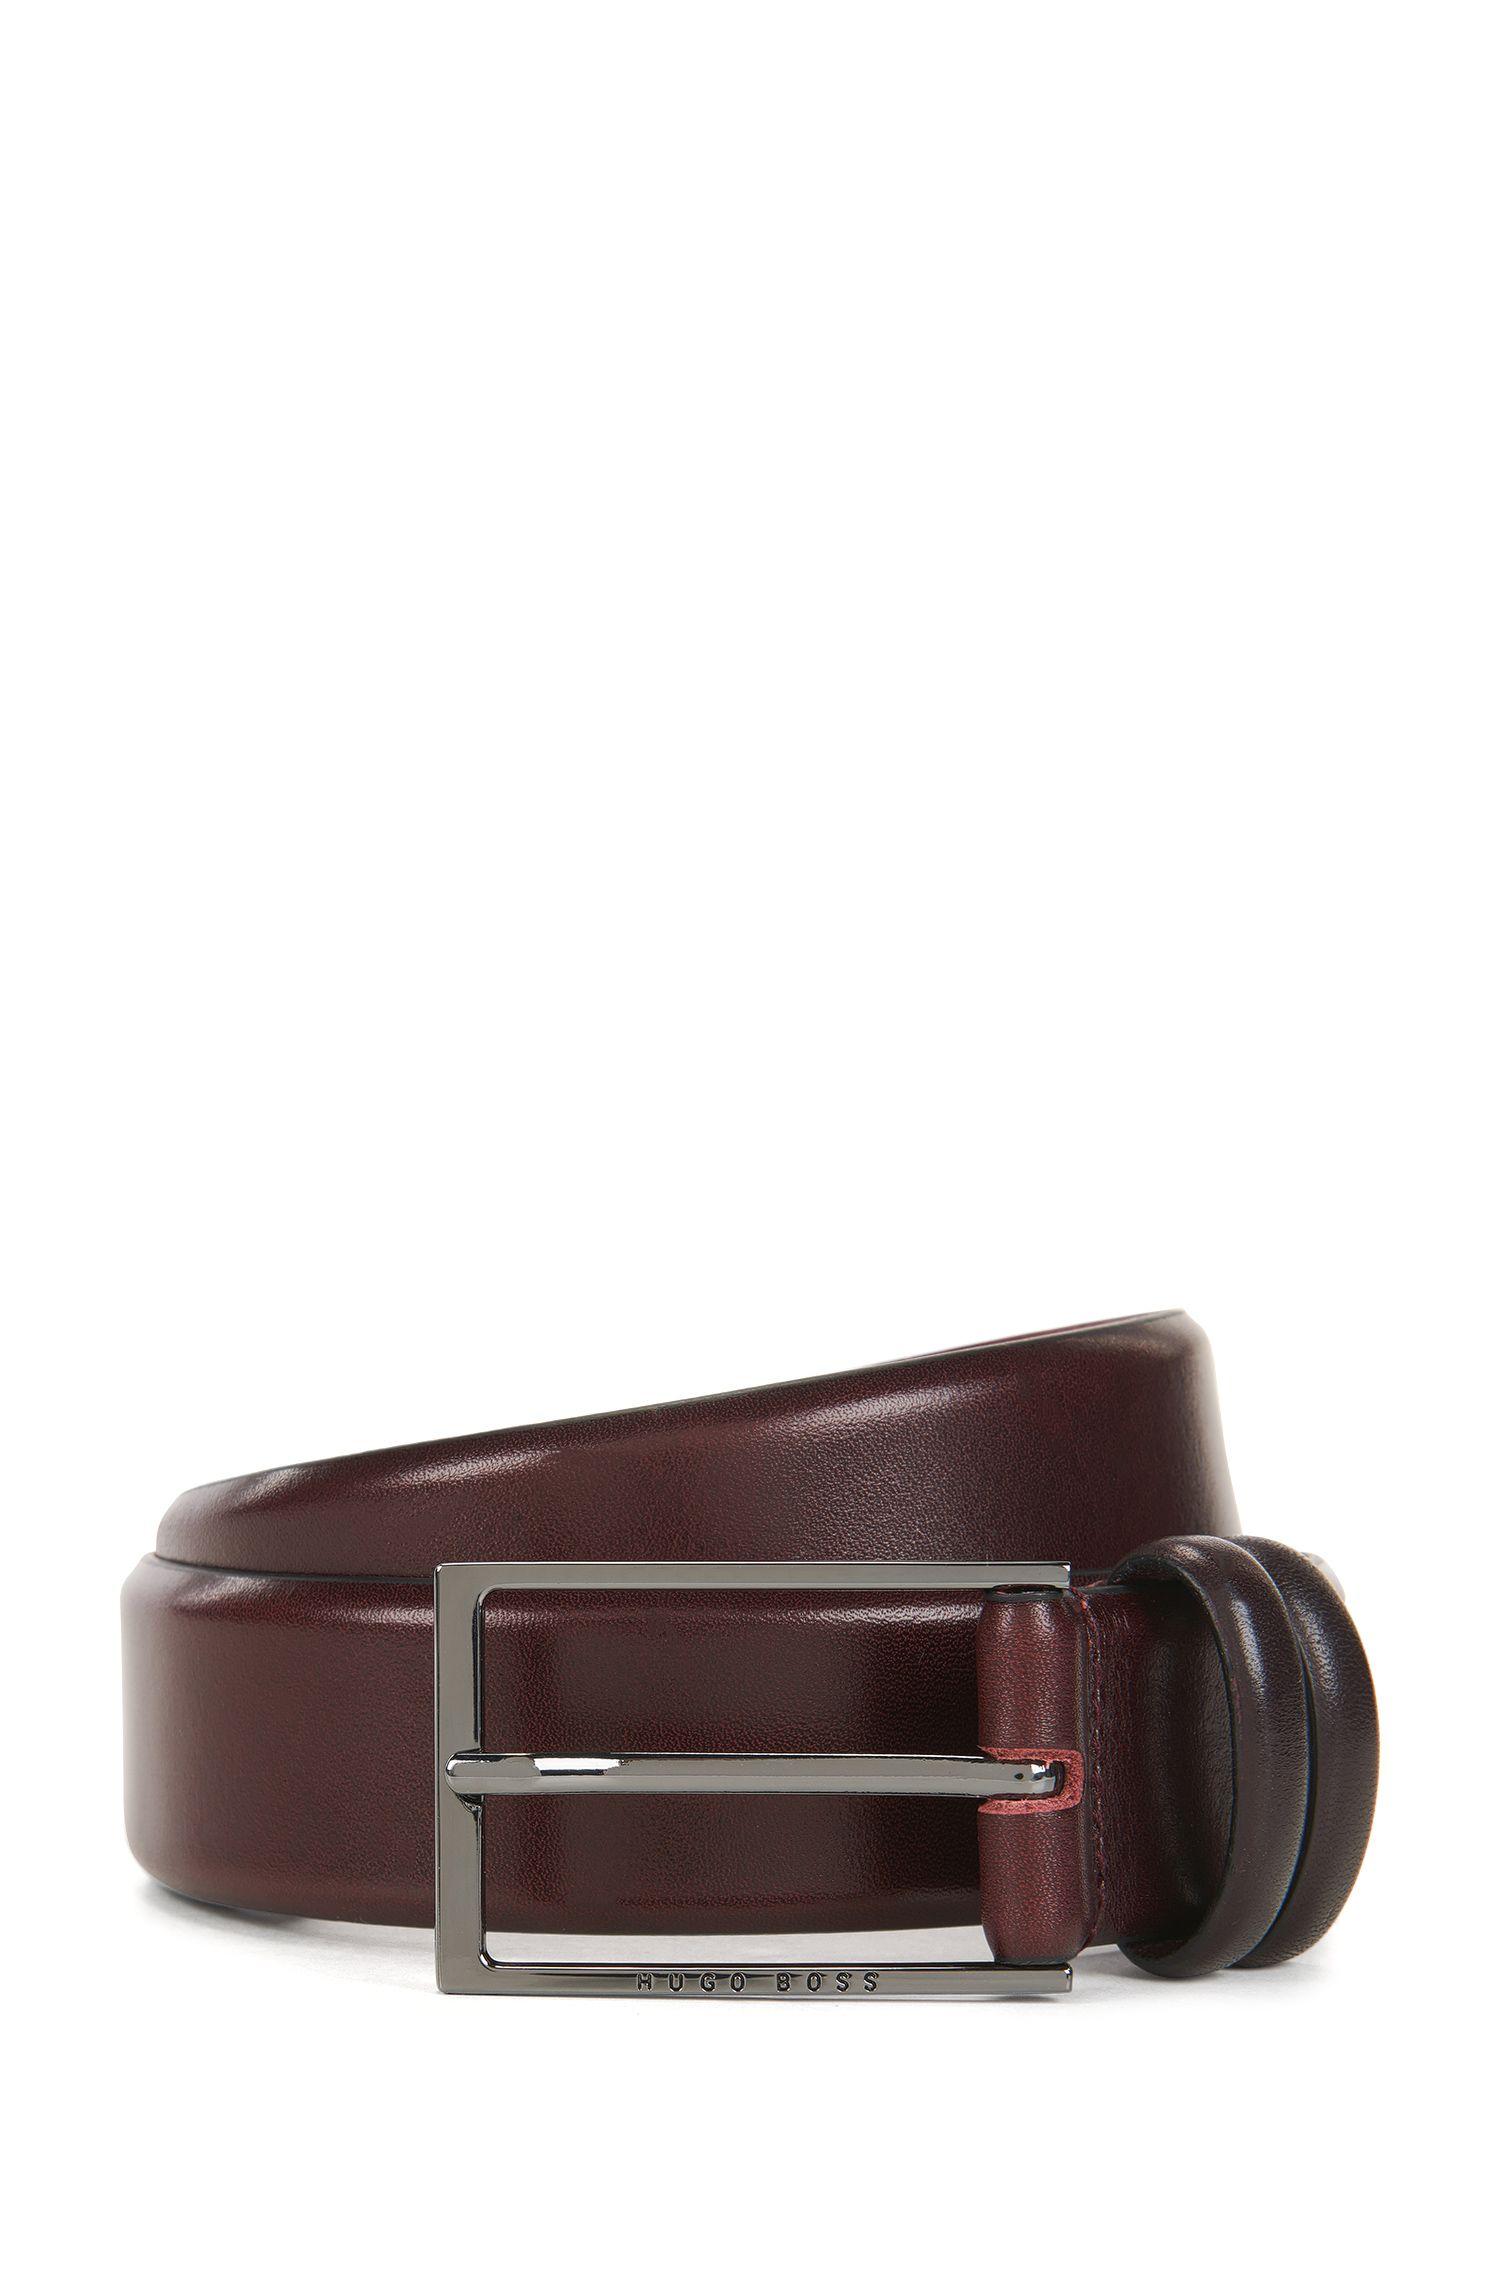 Cintura bicolore in pelle conciata al vegetale